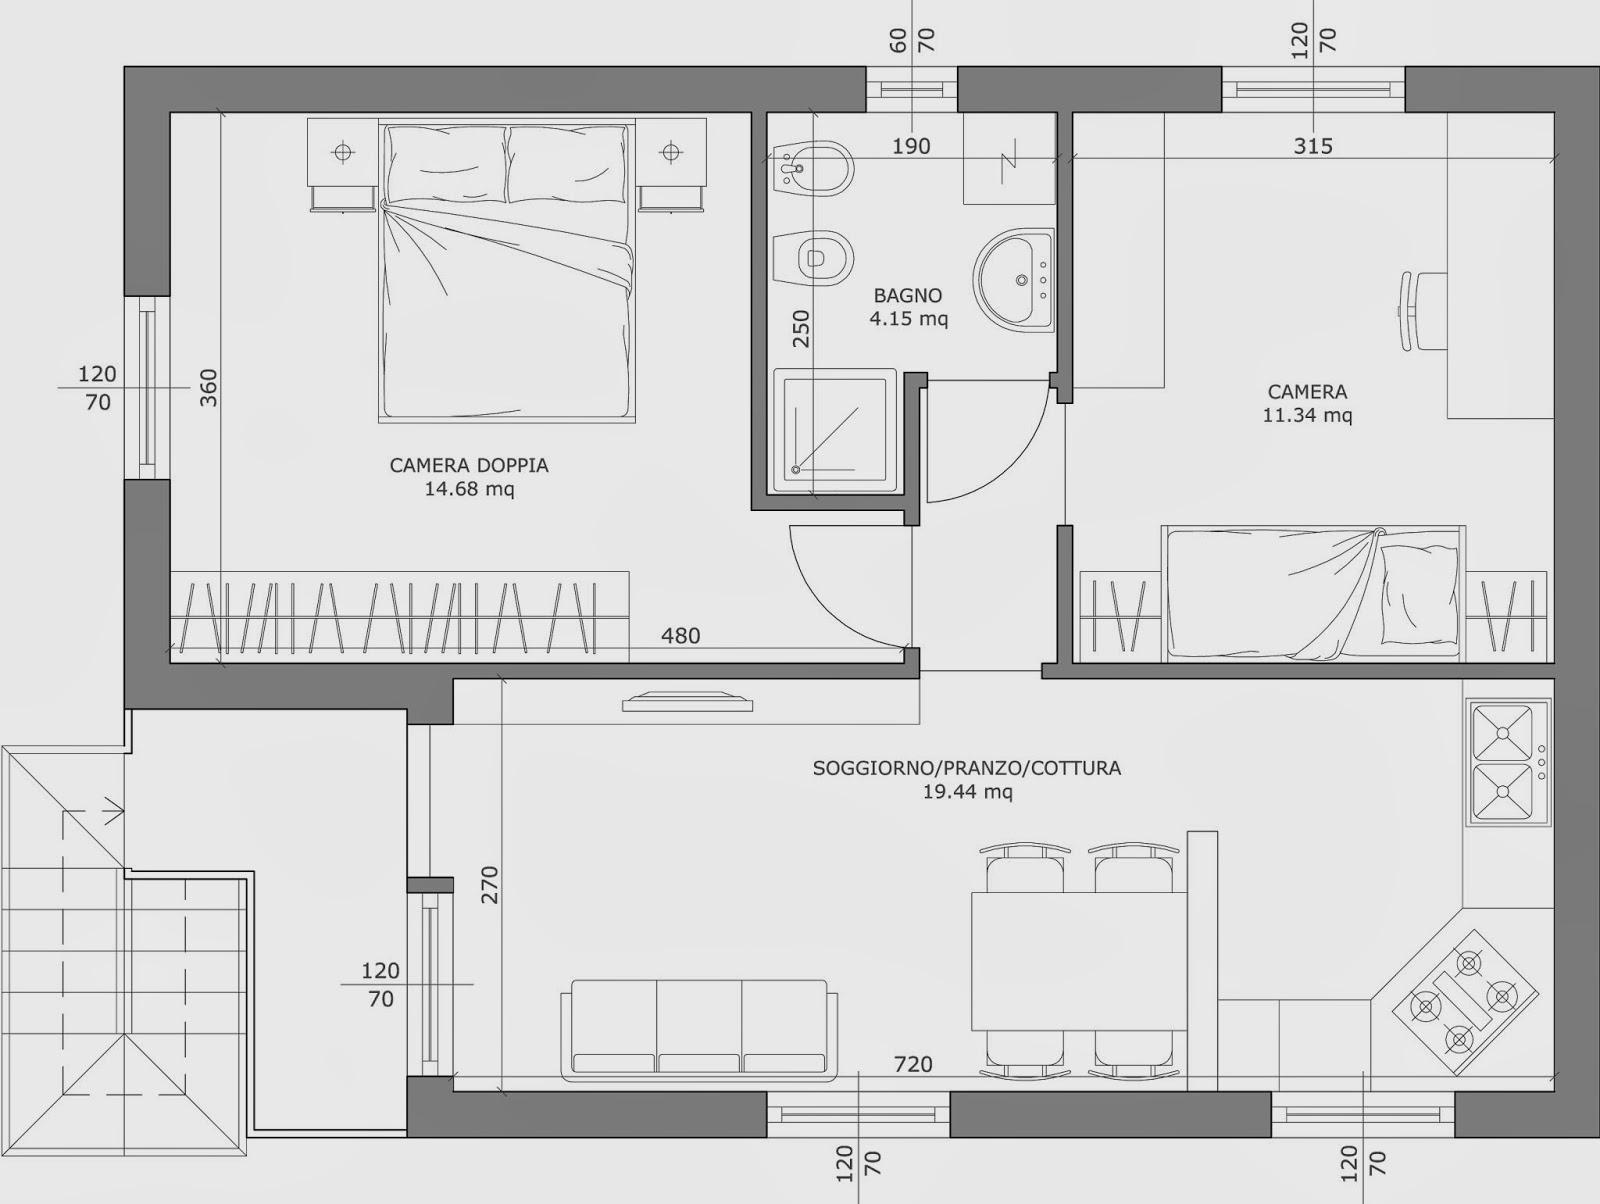 piantina appartamento con misure auto electrical wiring diagramthe marti u0026 39 s loft